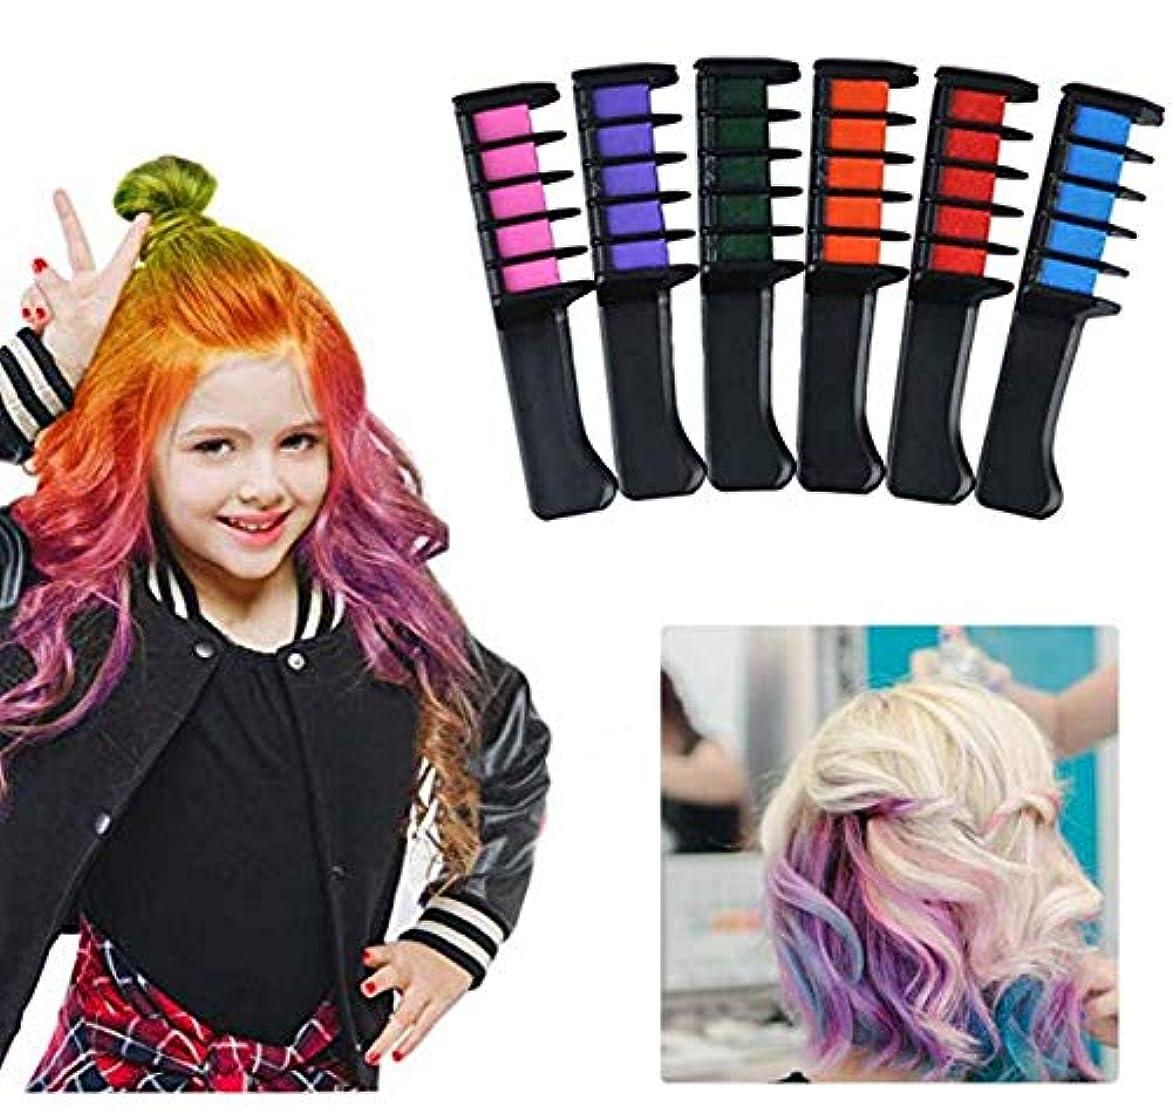 軽減する作者鉄道駅子供のための安全な非有毒な一時的な髪のチョークの櫛6色髪の色の櫛髪のチョークの櫛、女の子、パーティー、コスプレ